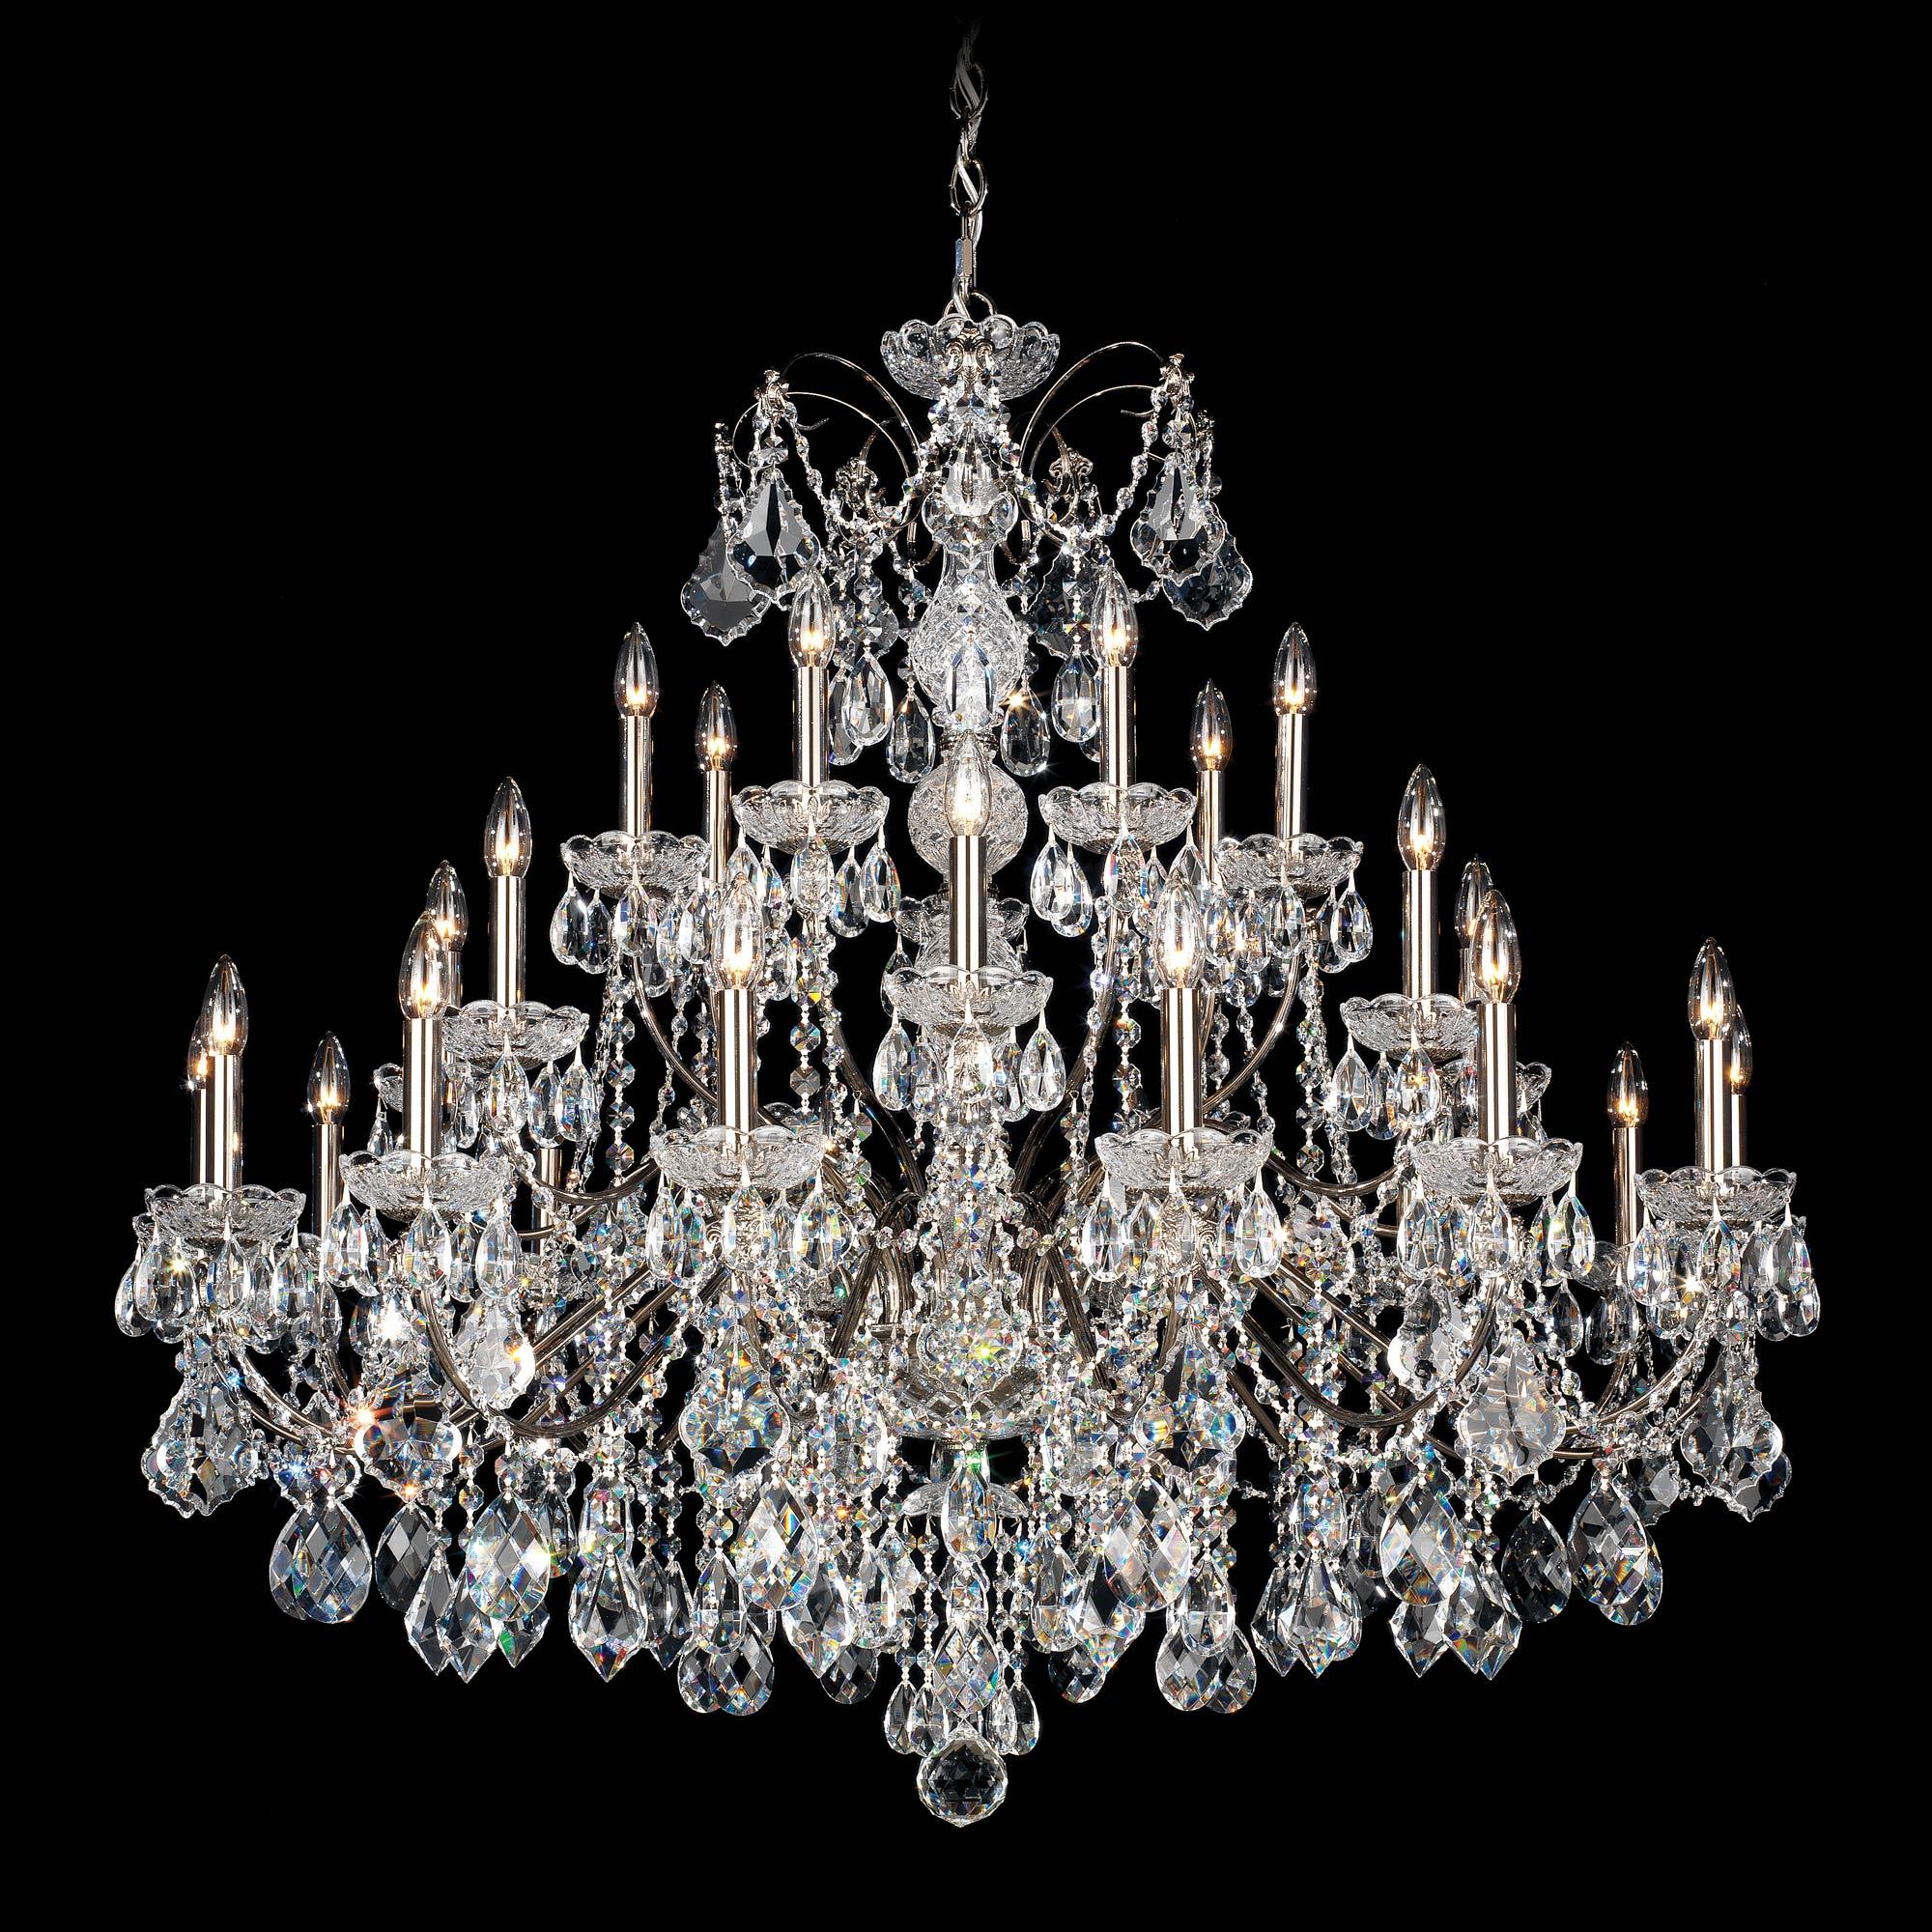 century chandelier by schonbek 1718 40